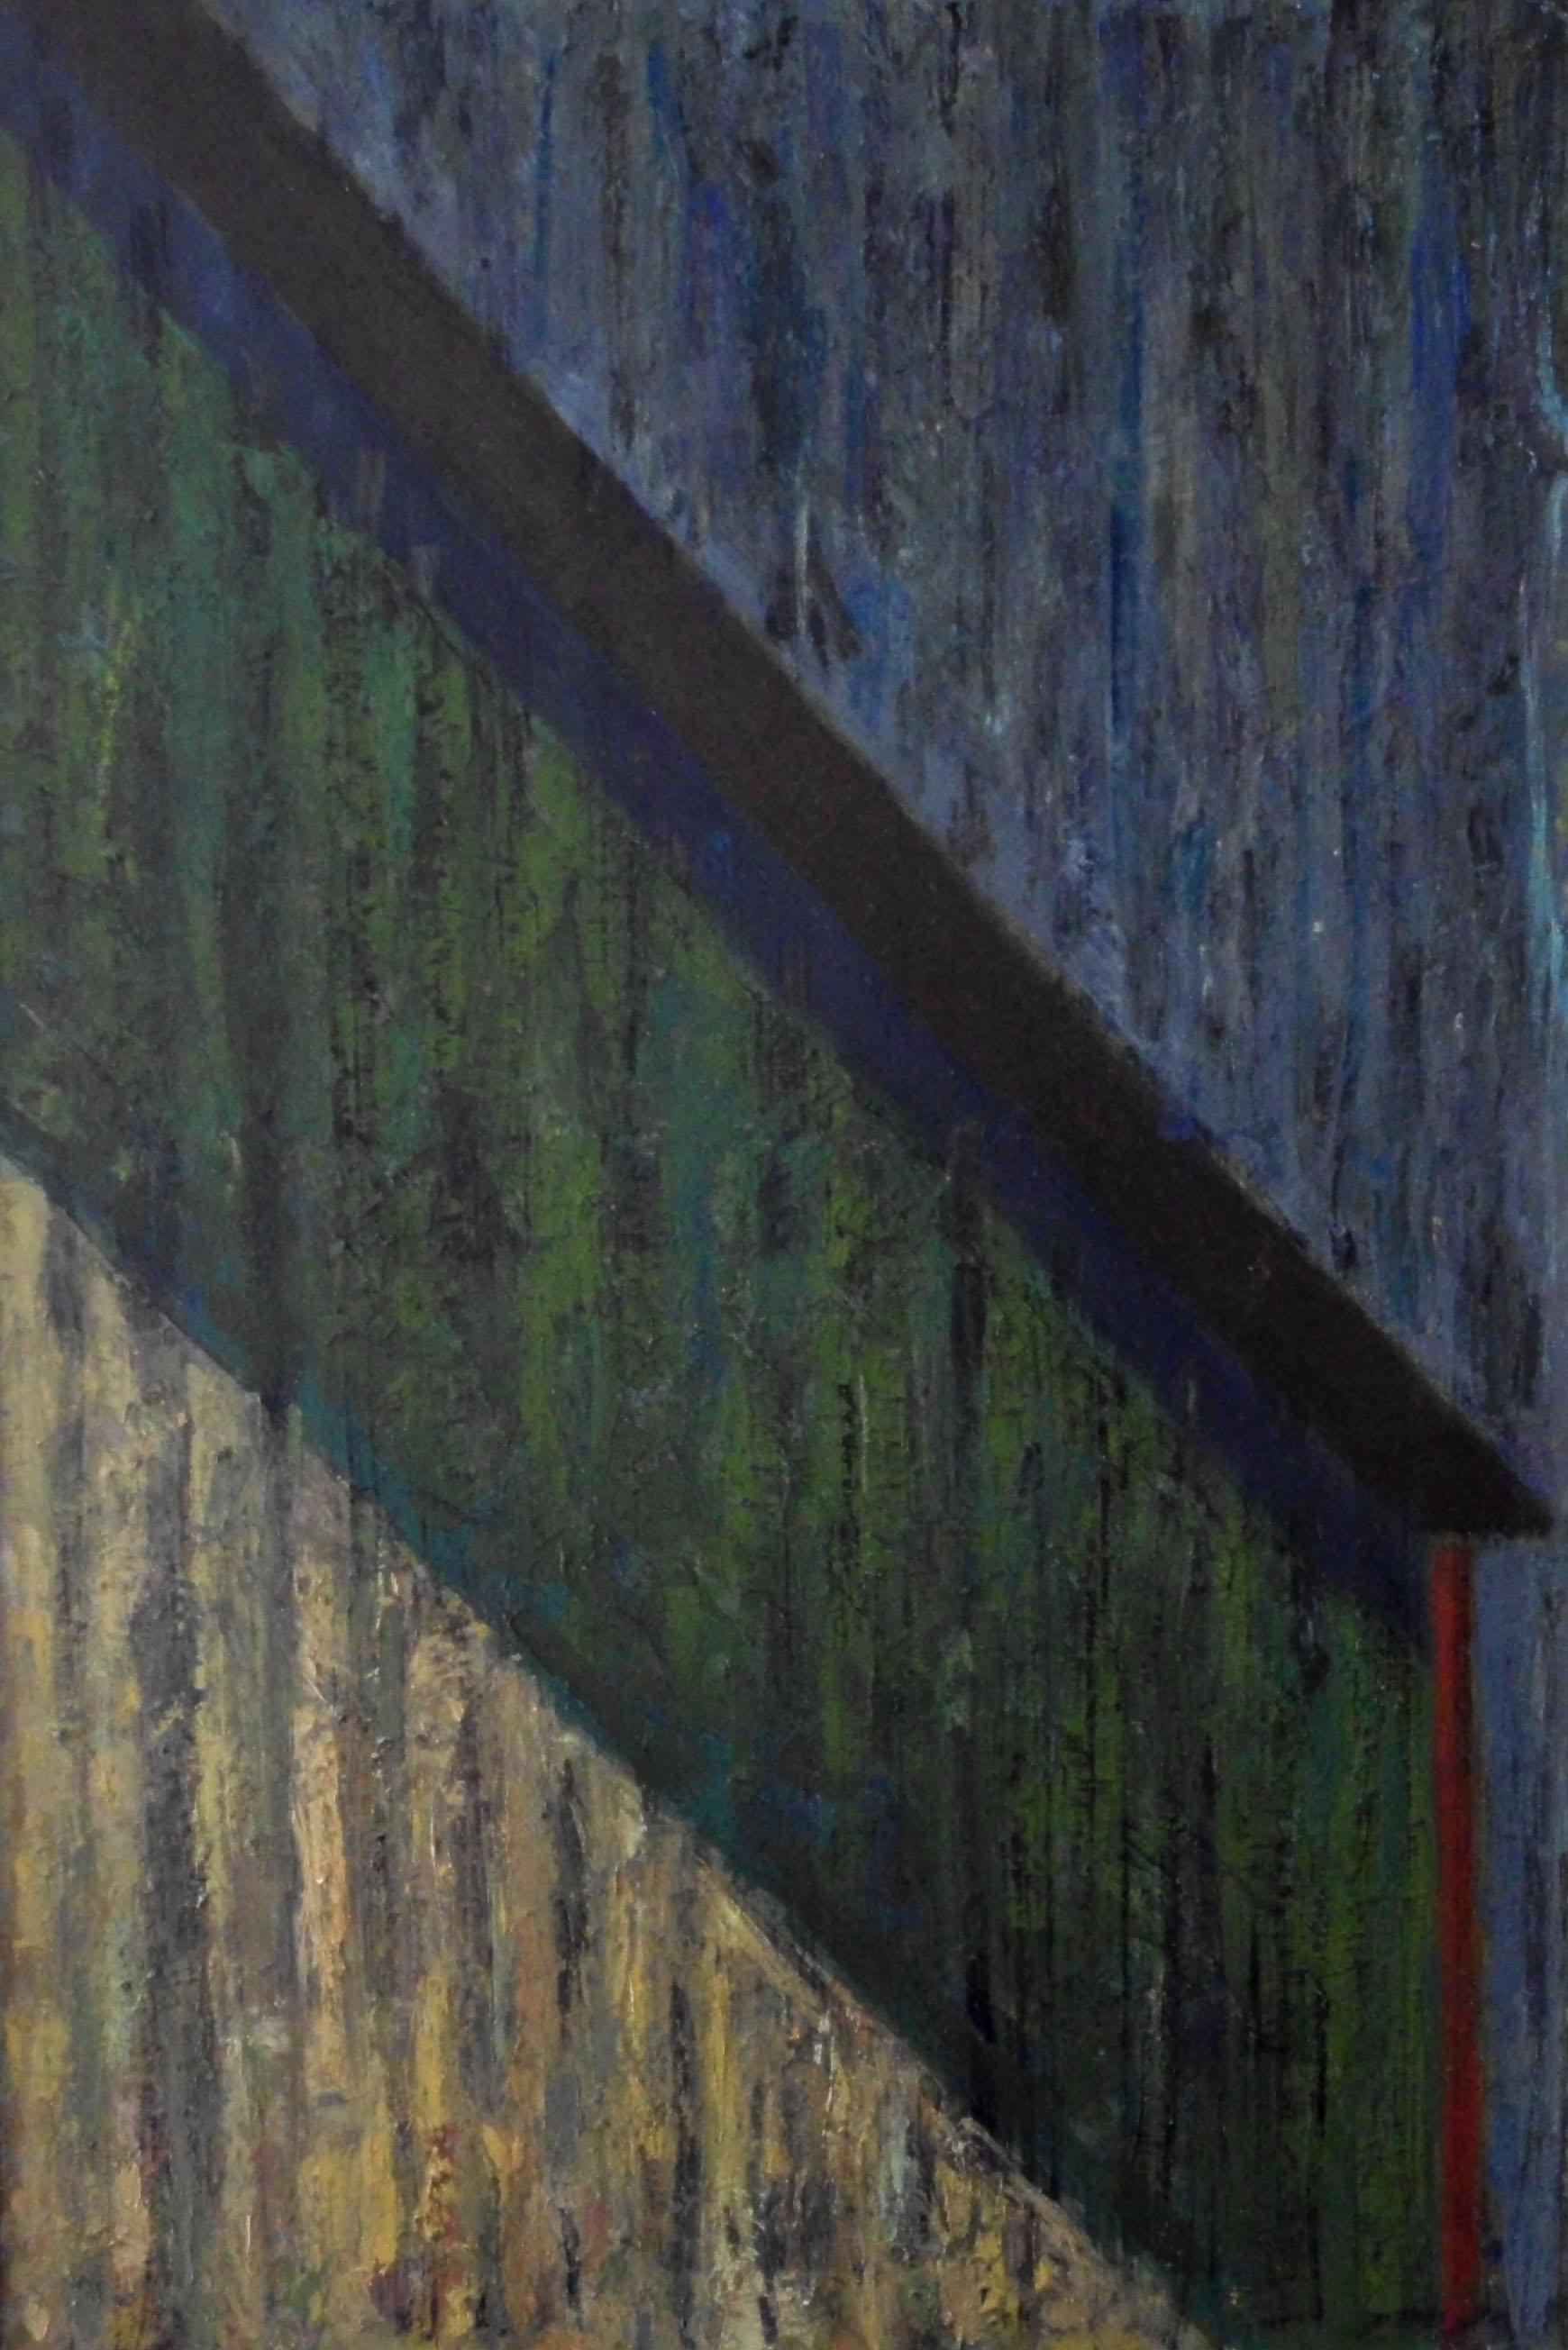 06-matthias_schroller-gehaeuse_diagonal-2014-oel_auf_leinwand-90x60